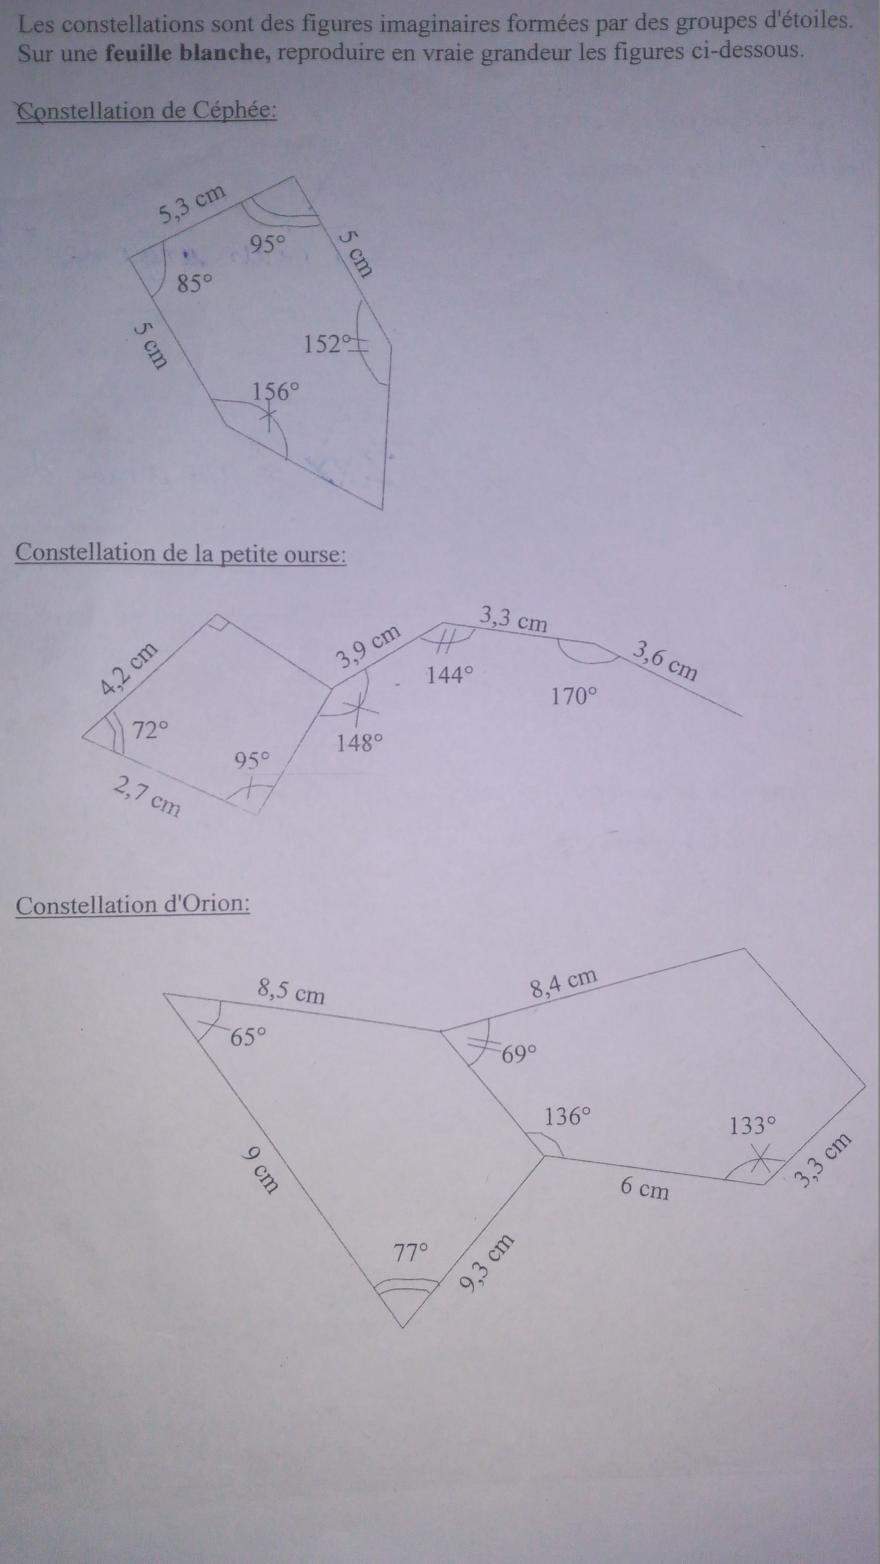 groupes d'étoiles et mathématiques